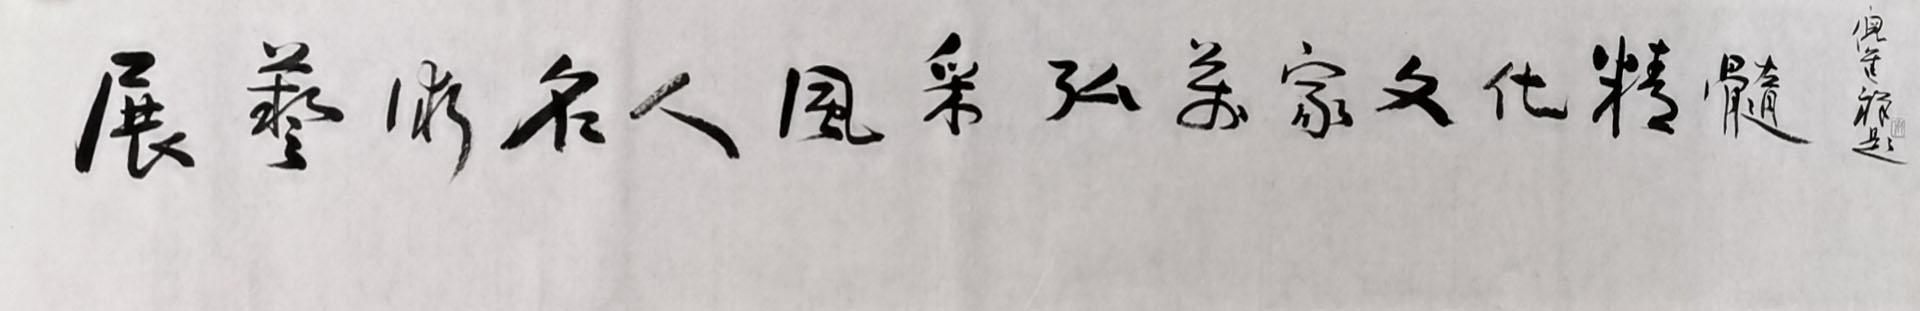 展艺术名人风采,弘万家文化精髓——胡振民(一)